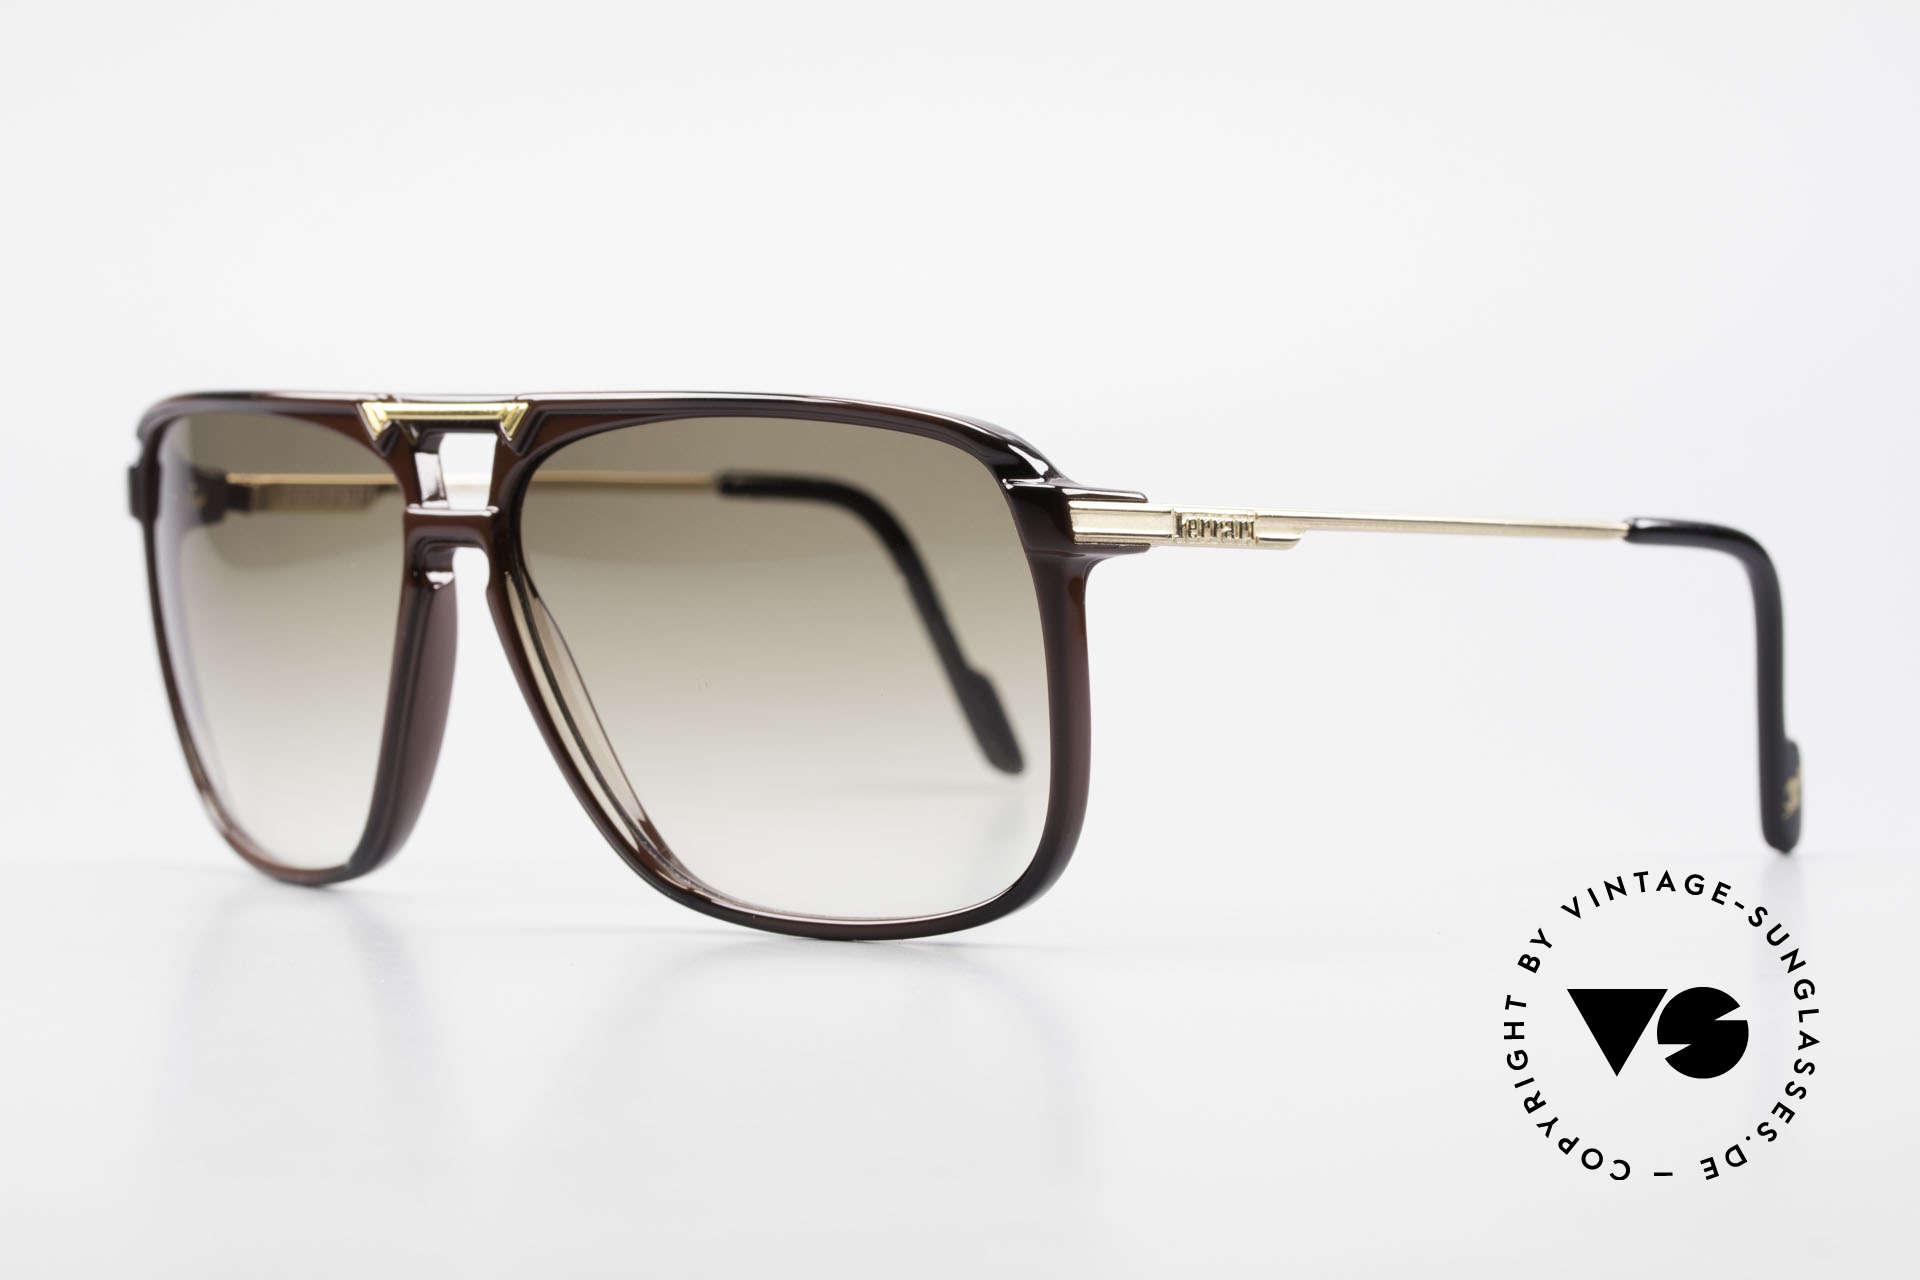 Sonnenbrillen Ferrari F36 S Karbon Herren Sonnenbrille